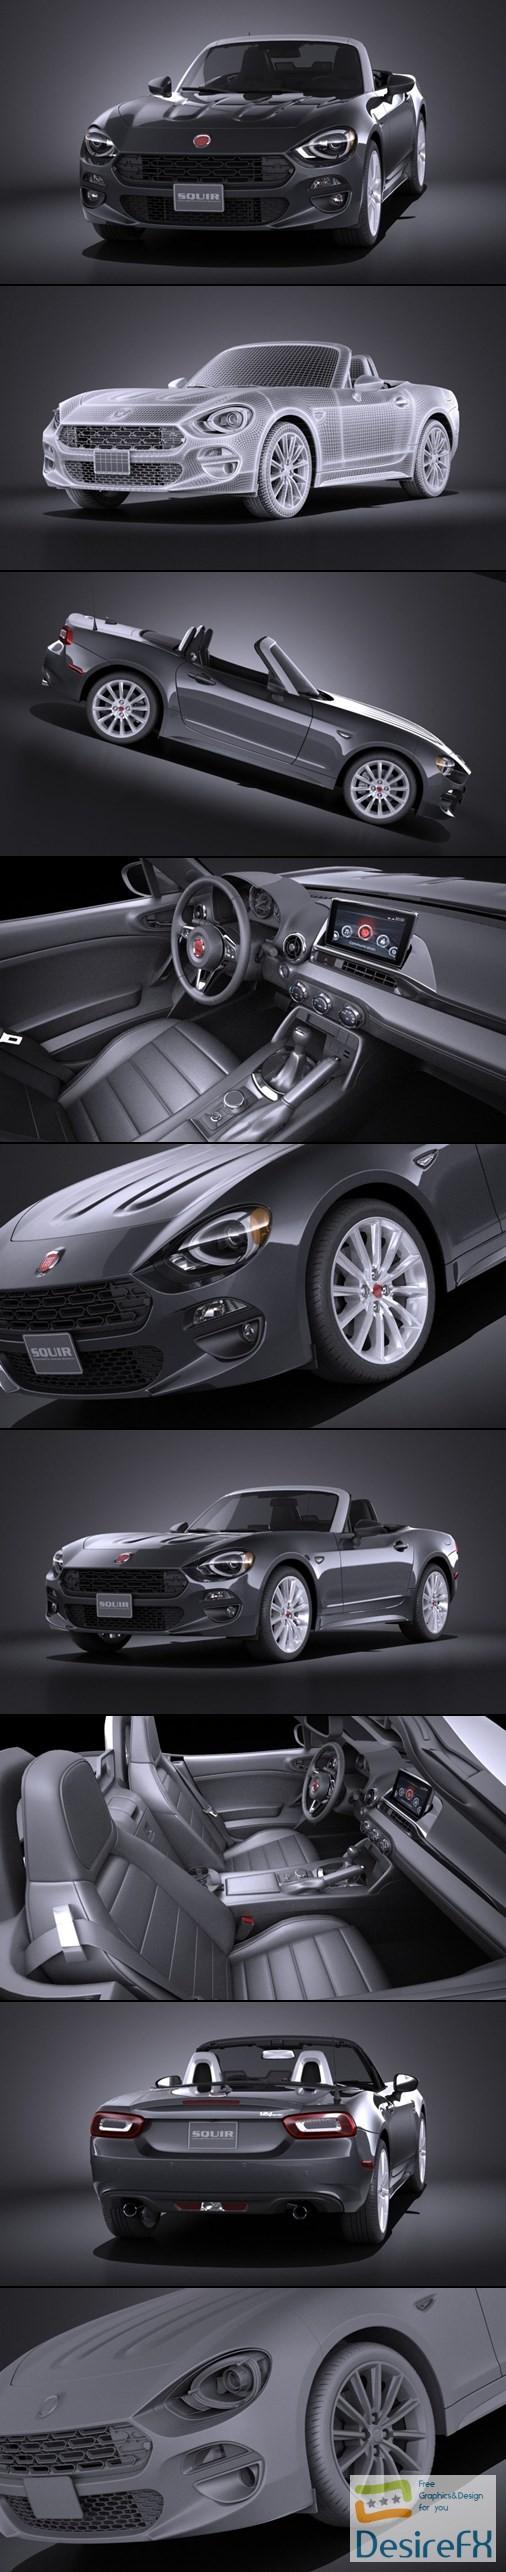 3d-models - Fiat 124 Spider 2017 VRAY 3D Model